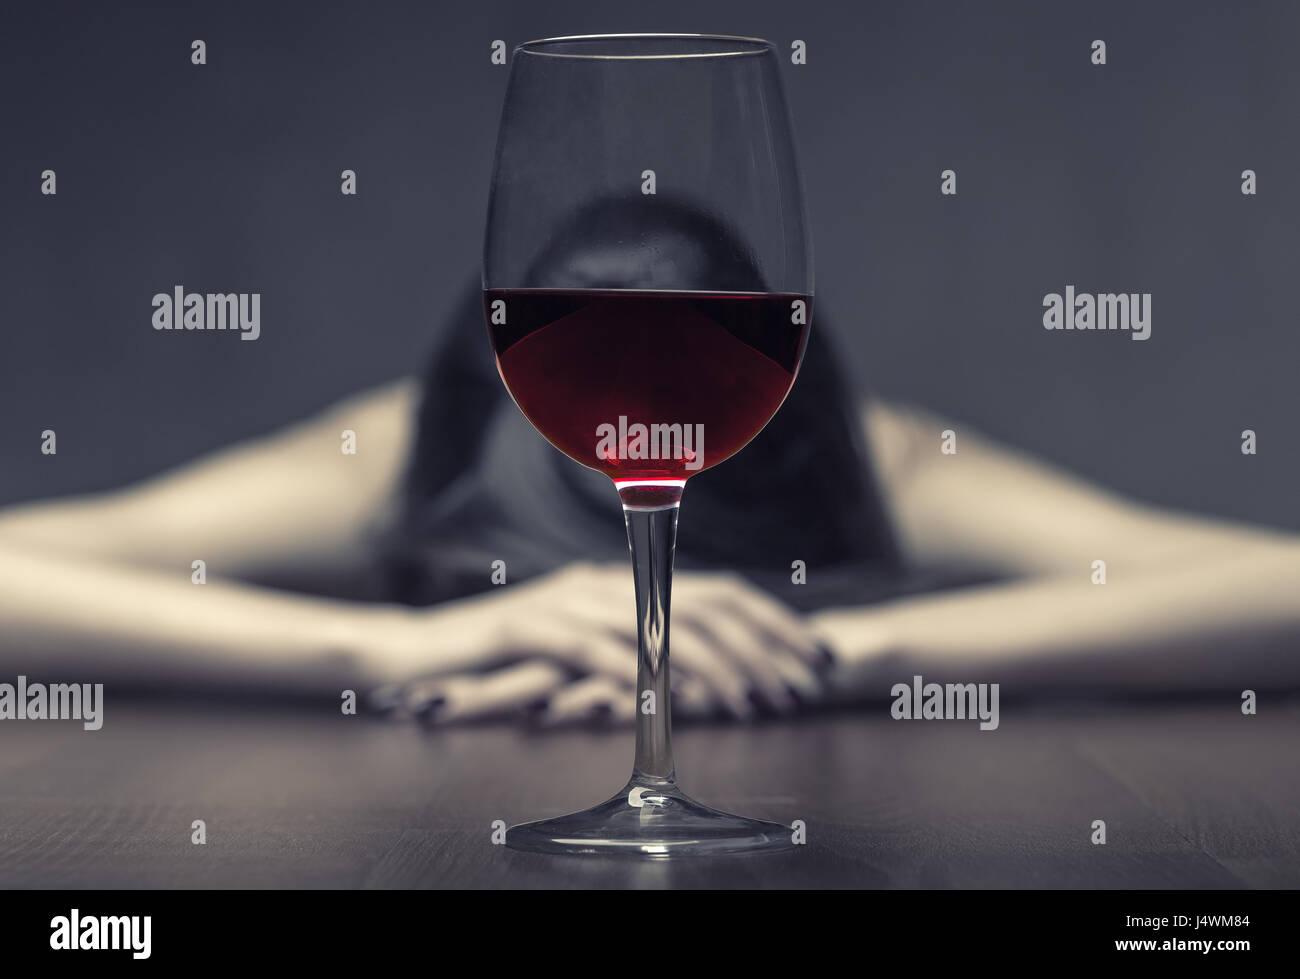 Mujer en la depresión, el consumo de alcohol en un fondo oscuro. Se centran en el cristal Imagen De Stock